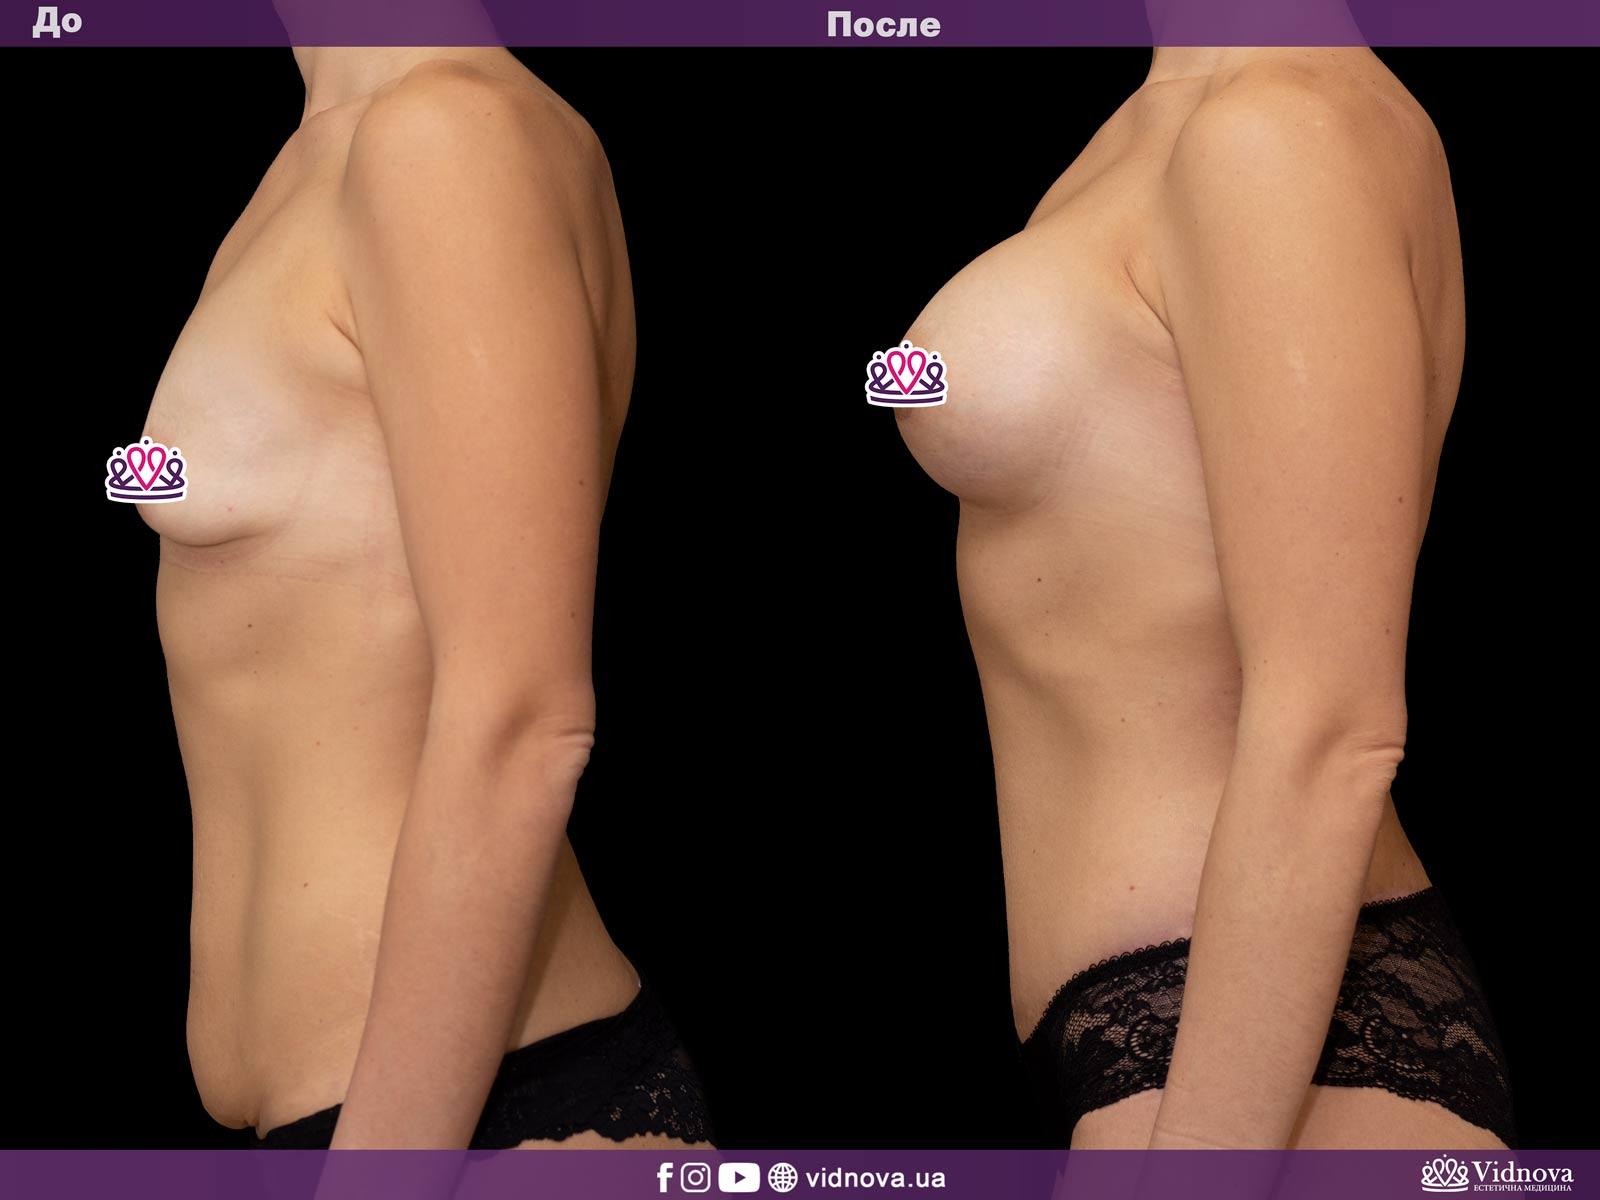 Совмещенные операции: Фото До и После - Пример №4-4 - Клиника Vidnova